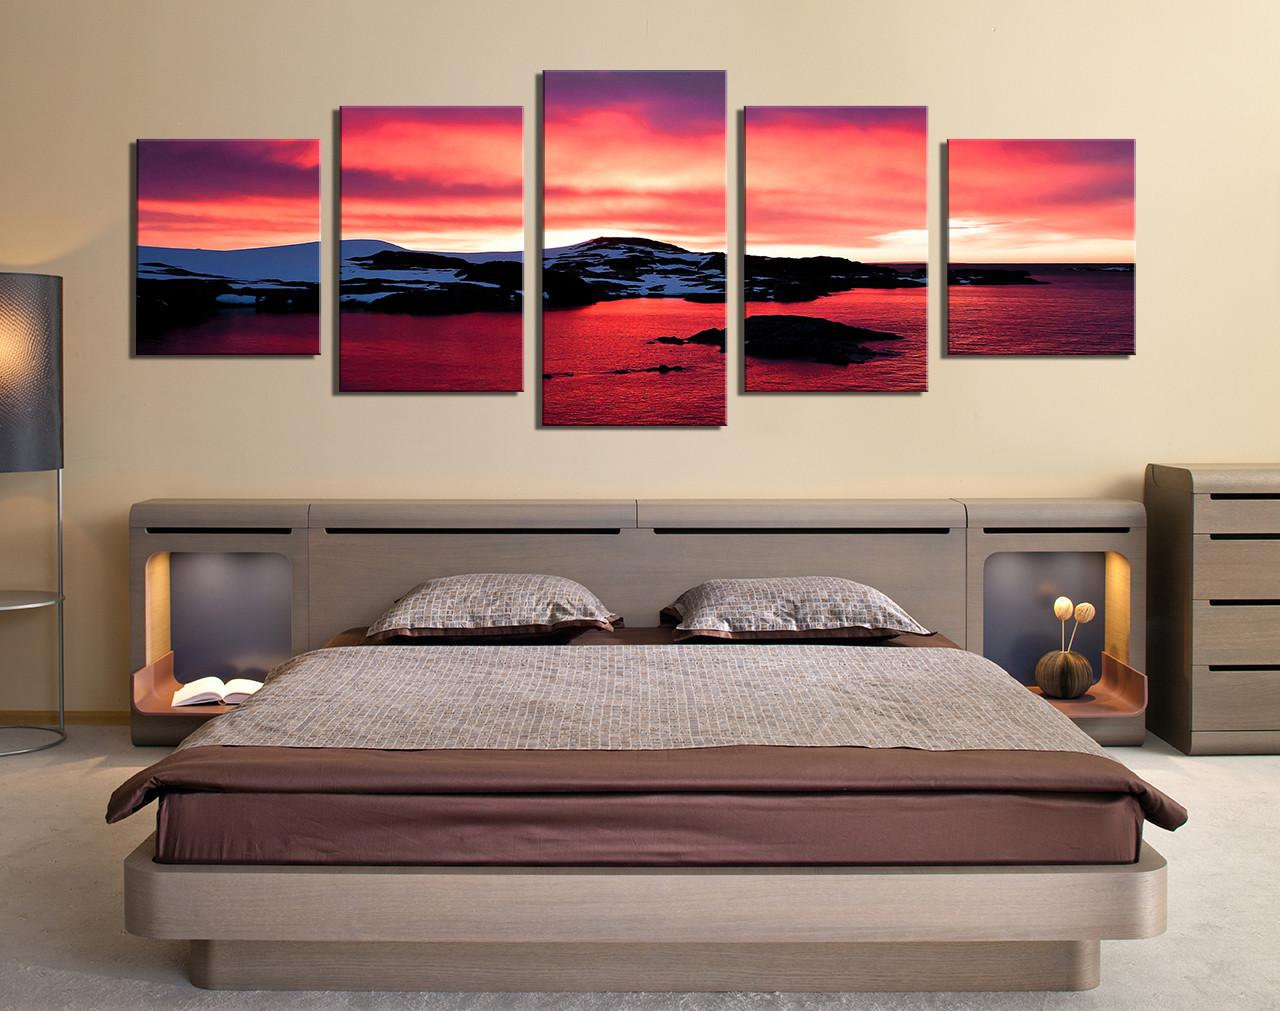 Five Piece Canvas Wall Art 5 piece multi panel art, landscape huge pictures, ocean photo